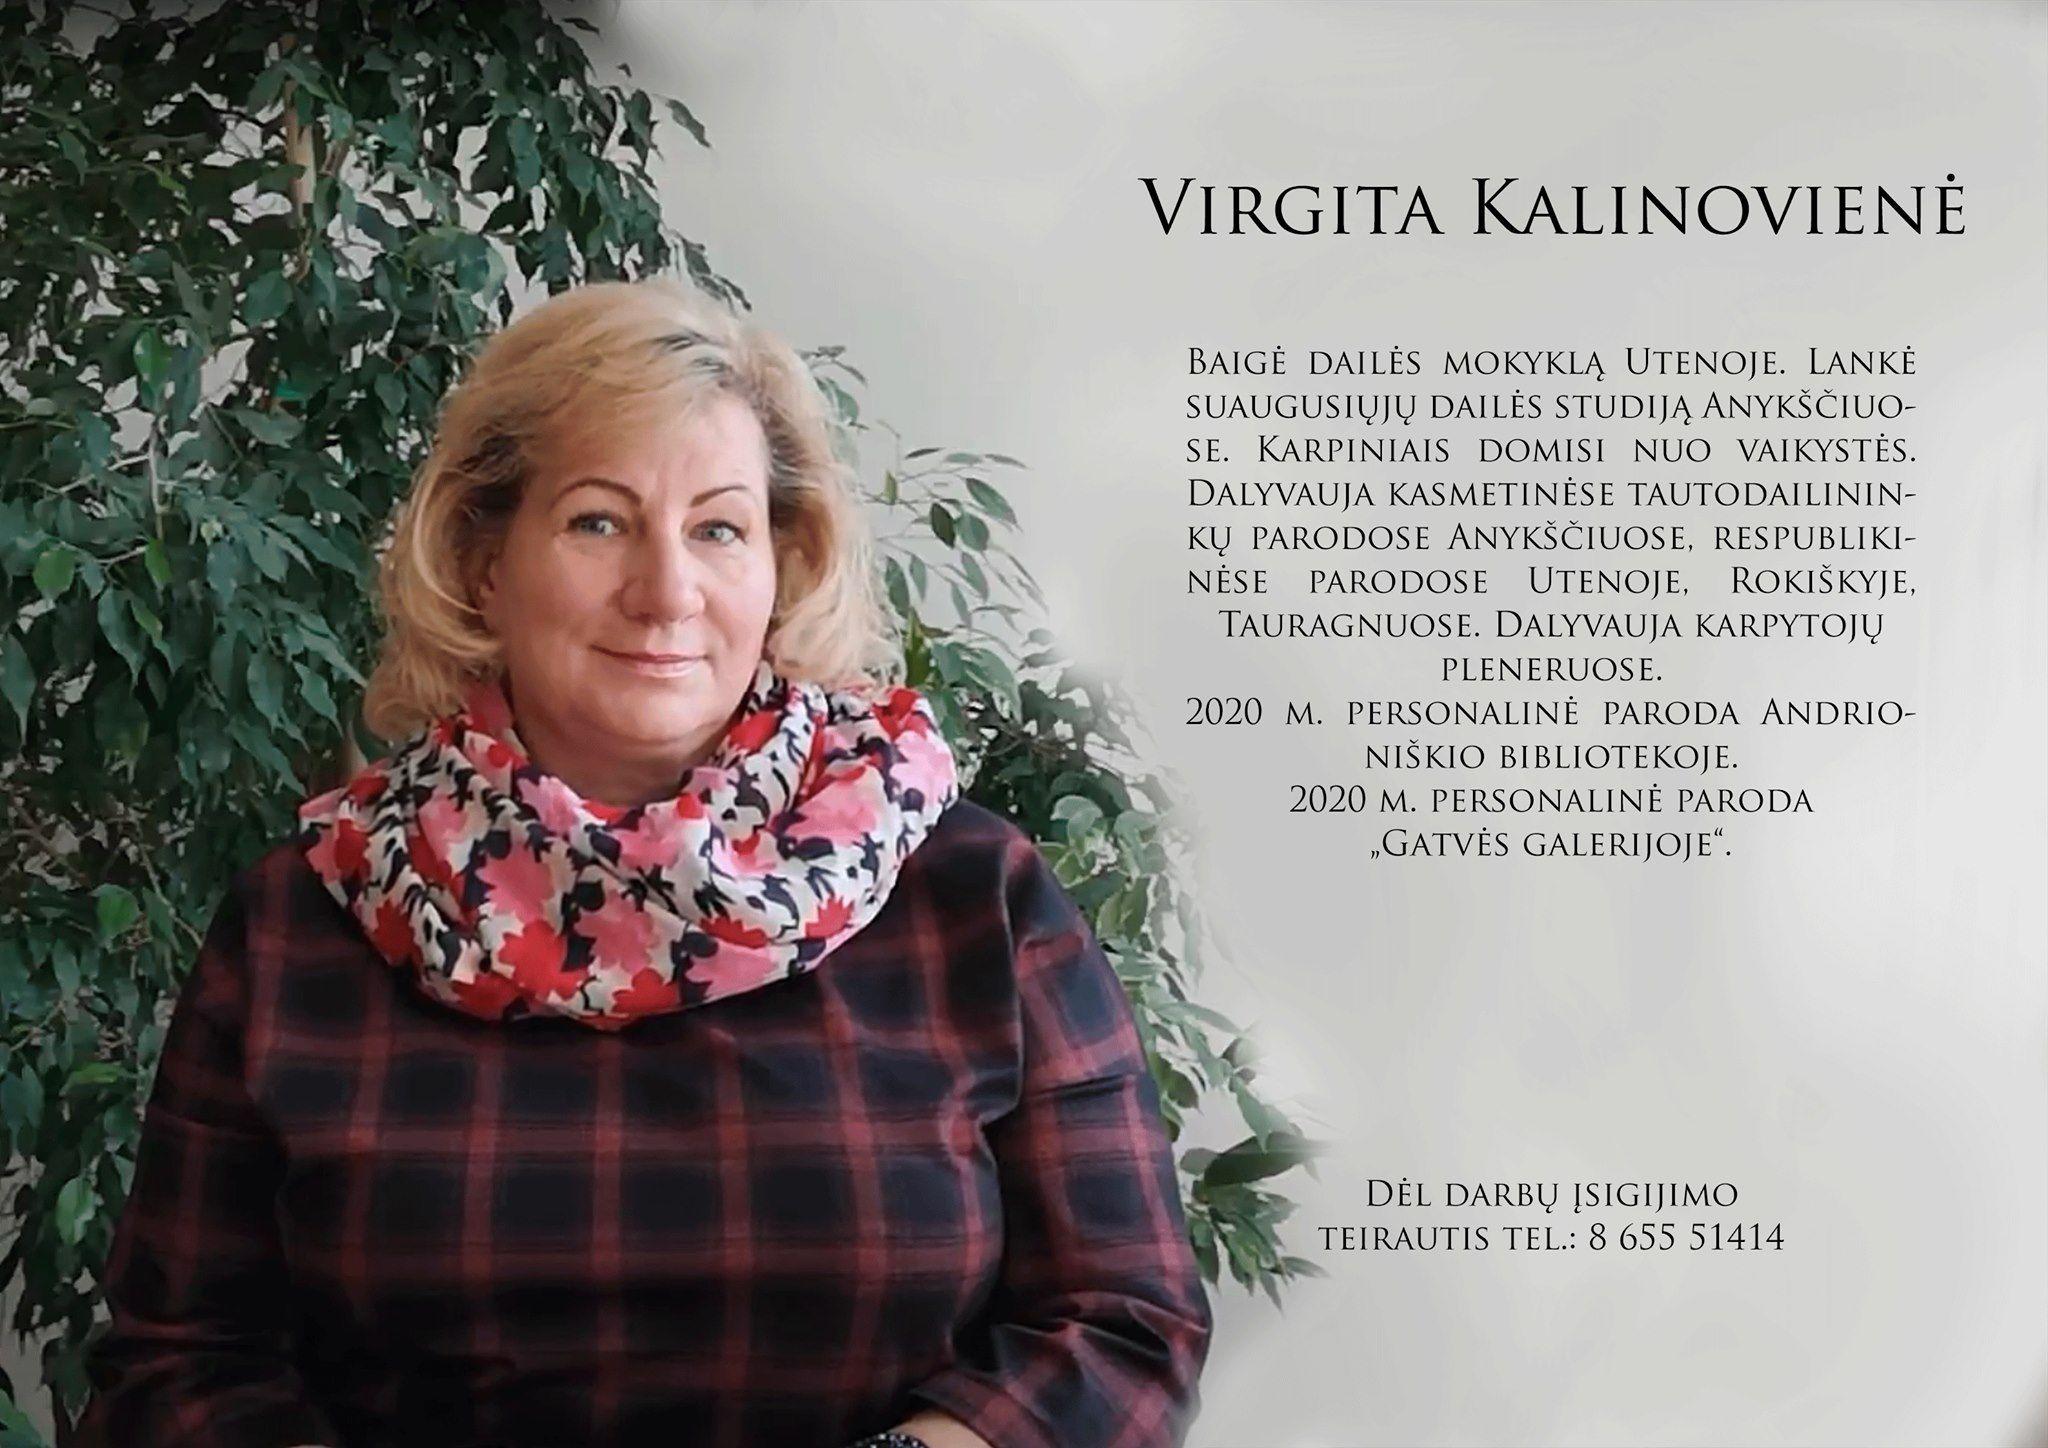 Virgitos Kalinovienės karpinių paroda